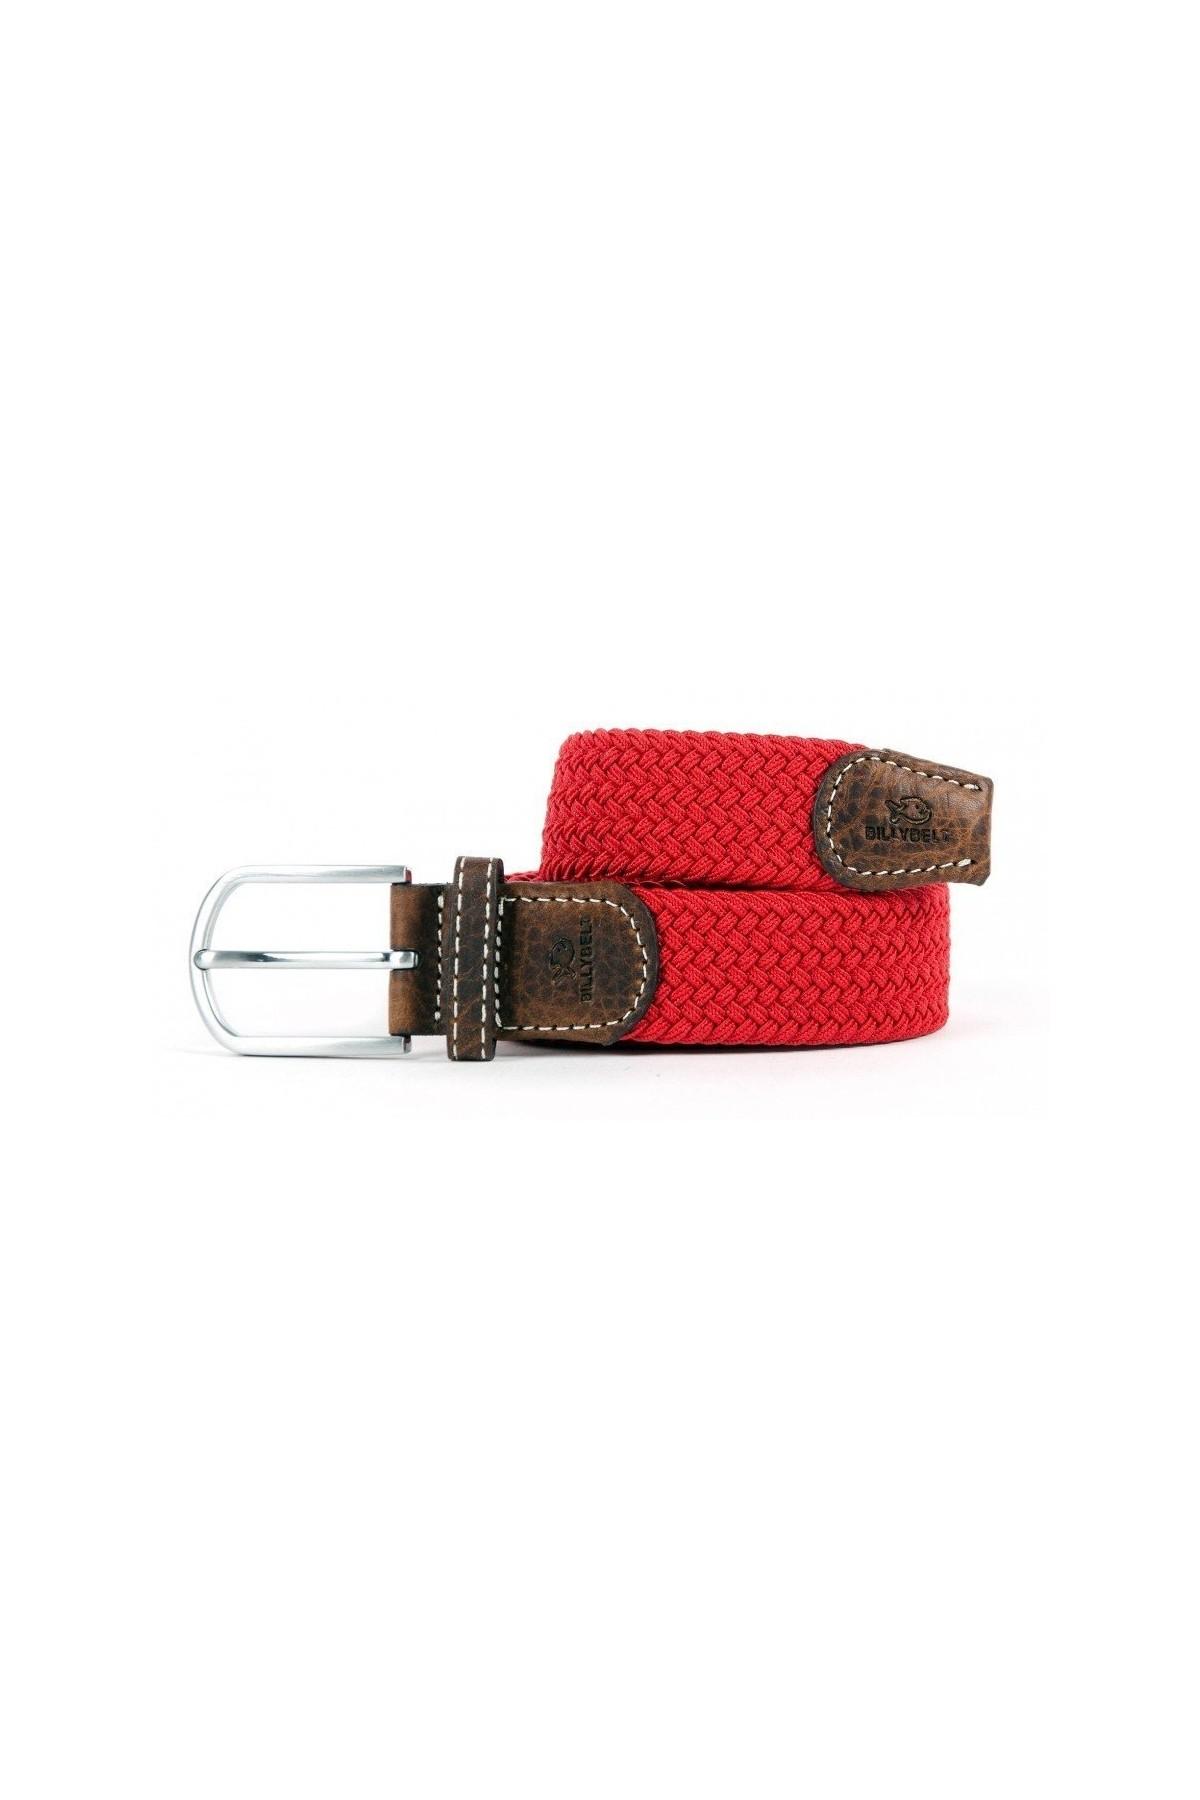 La ceinture tréssée Grenade